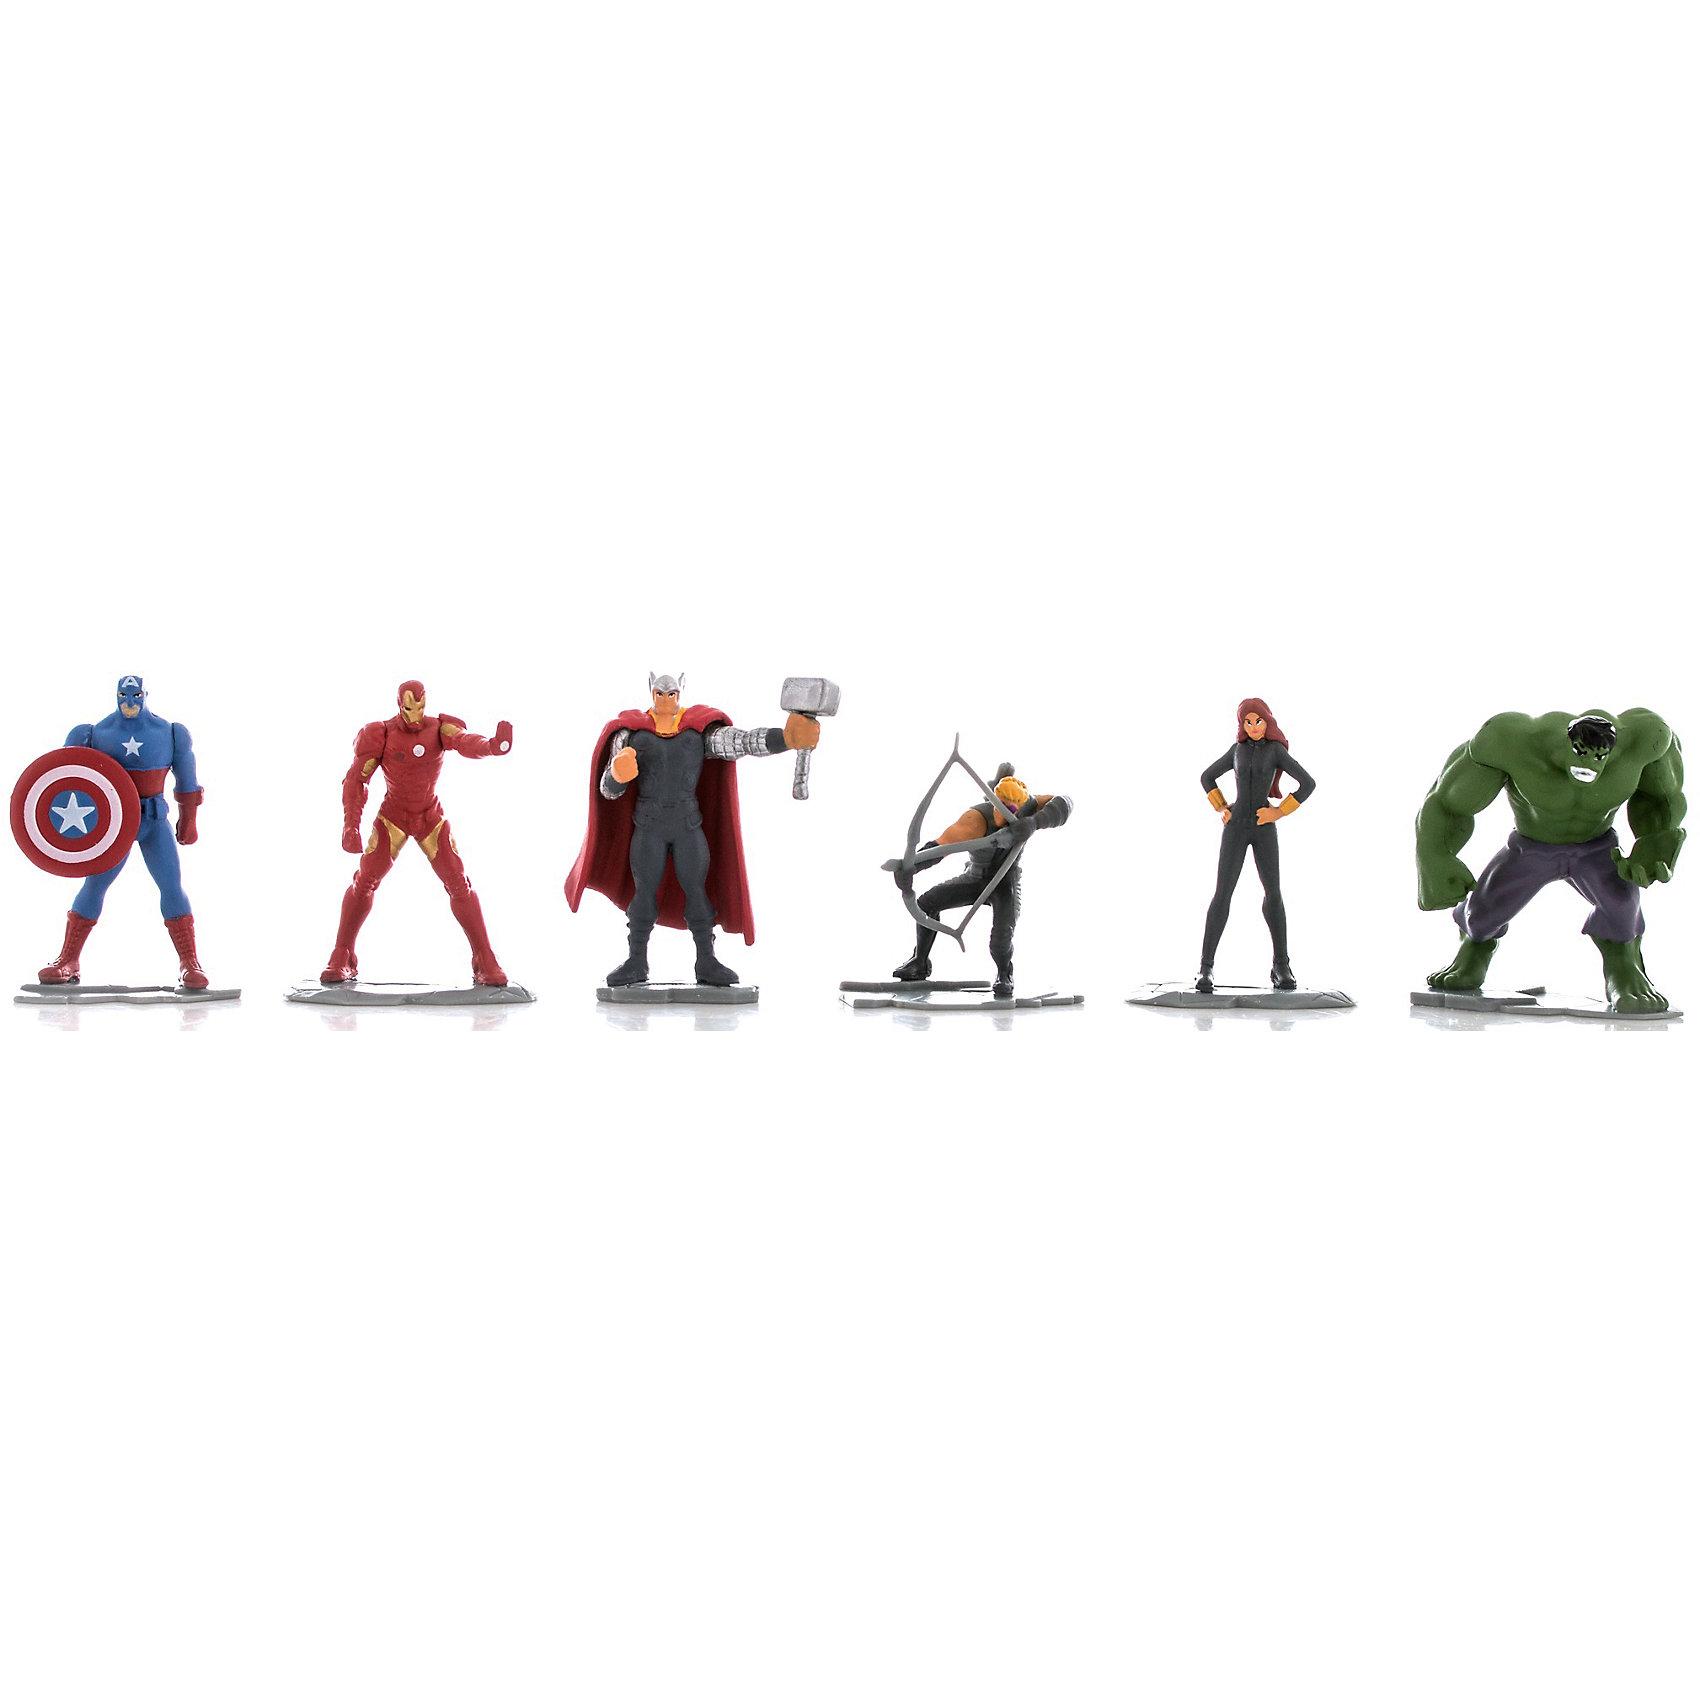 Яйцо с фигуркой, Мстители, Mystery EggКоллекционные и игровые фигурки<br>Яйцо-сюрприз - это прекрасный способ порадовать Вашего ребенка! Ведь угадать какая фигурка достанется на этот раз невозможно. Всего в ассортименте есть шесть фигурок: капитан Америка, Железный Человек, Тор, Соколиный глаз, Черная вдова и Халк.<br><br>Дополнительная информация:<br><br>- Возраст: от 3 лет.<br>- Материал: пластик.<br>- Размер упаковки: 5х5х6.5 см.<br><br>Купить яйцо-с фигуркой Мстители в ассортименте, можно в нашем магазине.<br><br>Ширина мм: 50<br>Глубина мм: 50<br>Высота мм: 65<br>Вес г: 24<br>Возраст от месяцев: 48<br>Возраст до месяцев: 144<br>Пол: Мужской<br>Возраст: Детский<br>SKU: 4929065